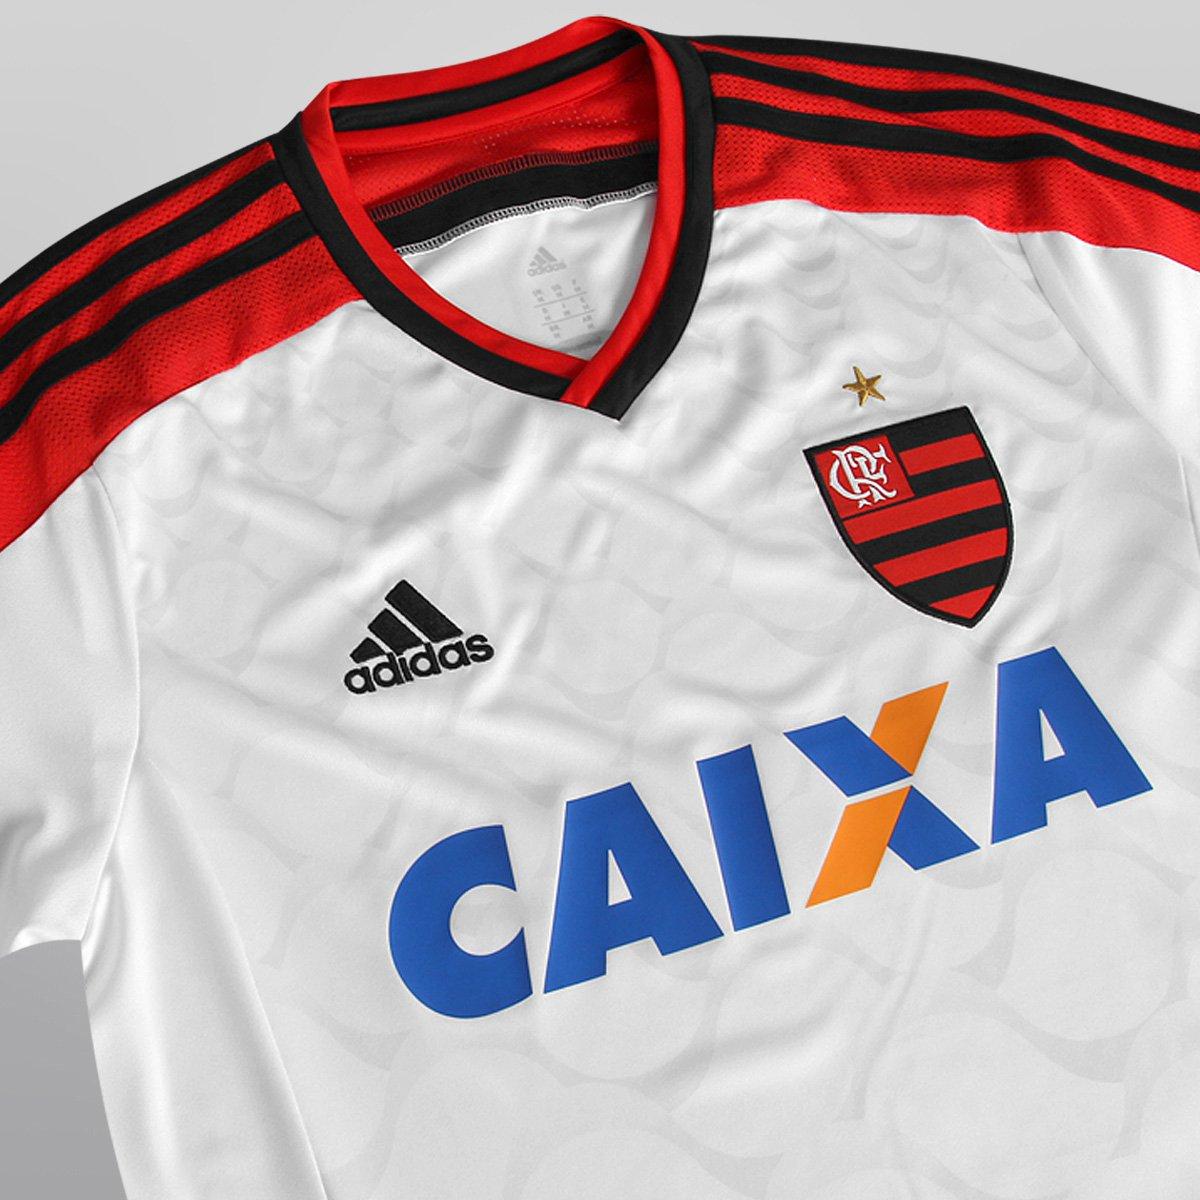 Camisa Adidas Flamengo II 14 15 s nº - Branco e Vermelho - Compre ... 66c912cbebb1d